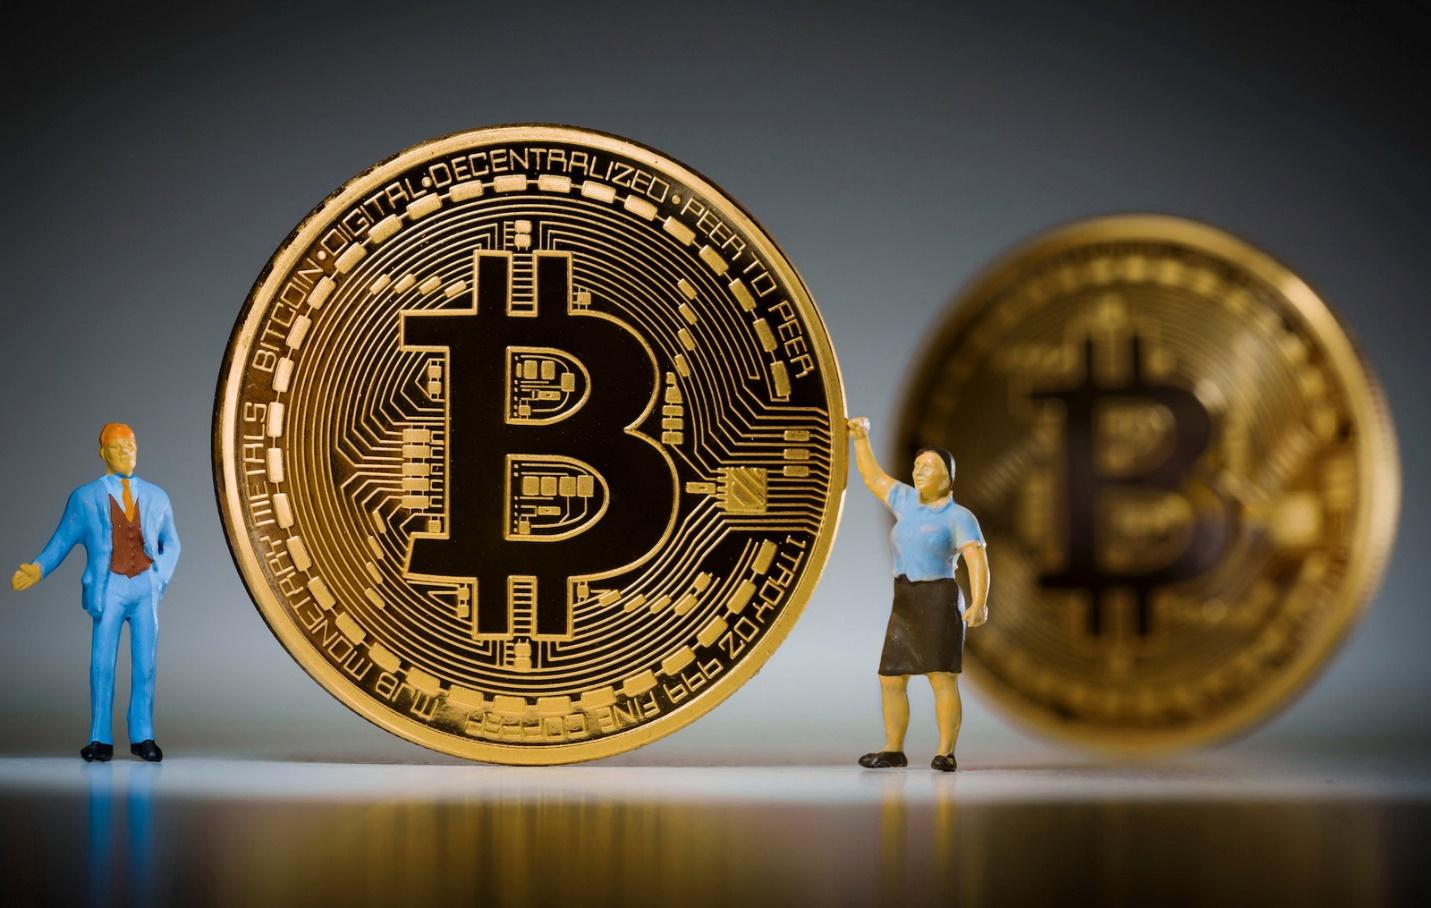 торговля криптовалютой криптомонеты